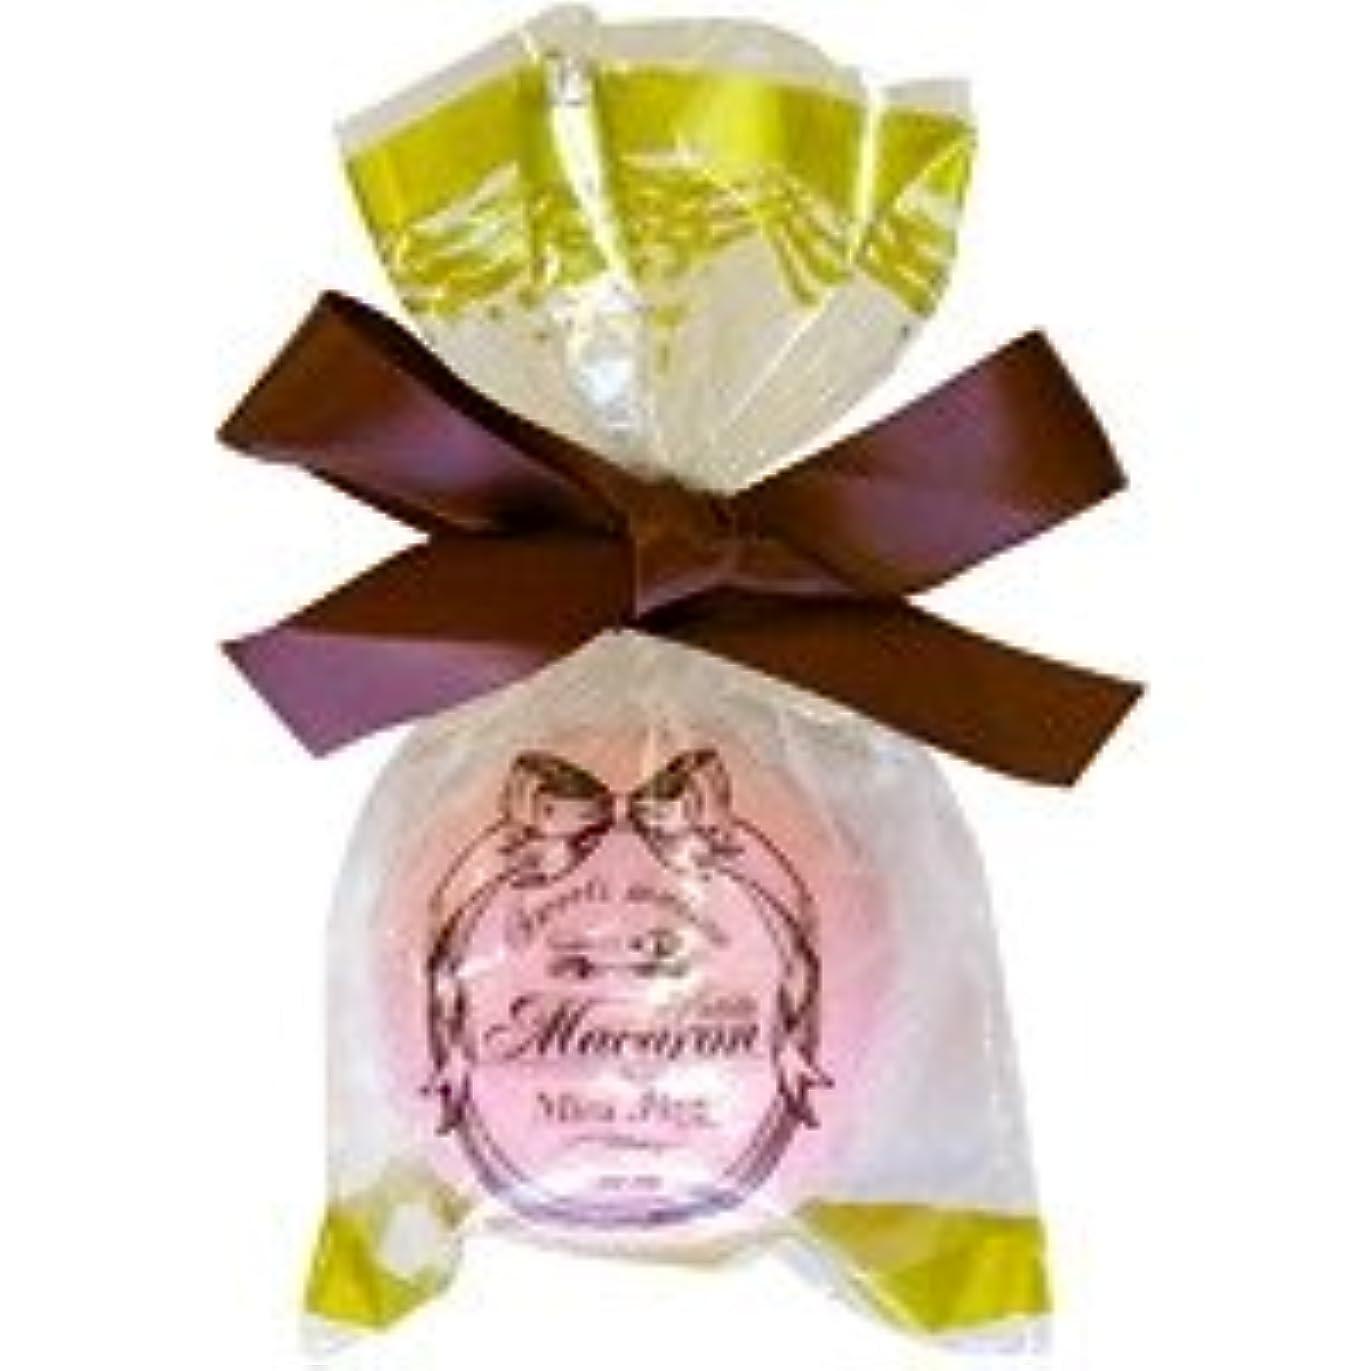 追放幻滅欺くスウィーツメゾン プチマカロンフィズ「ピンク」12個セット 甘酸っぱいラズベリーの香り